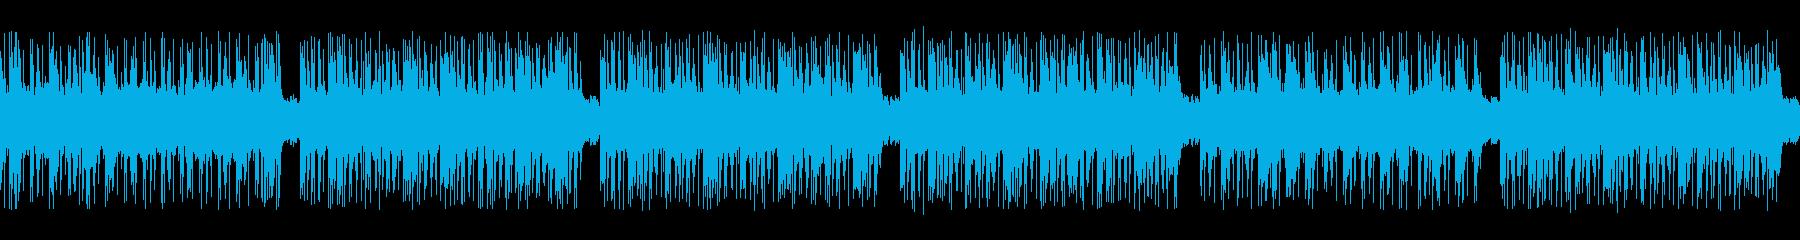 ゲーム映画バトル用攻撃的2-3ループ処理の再生済みの波形